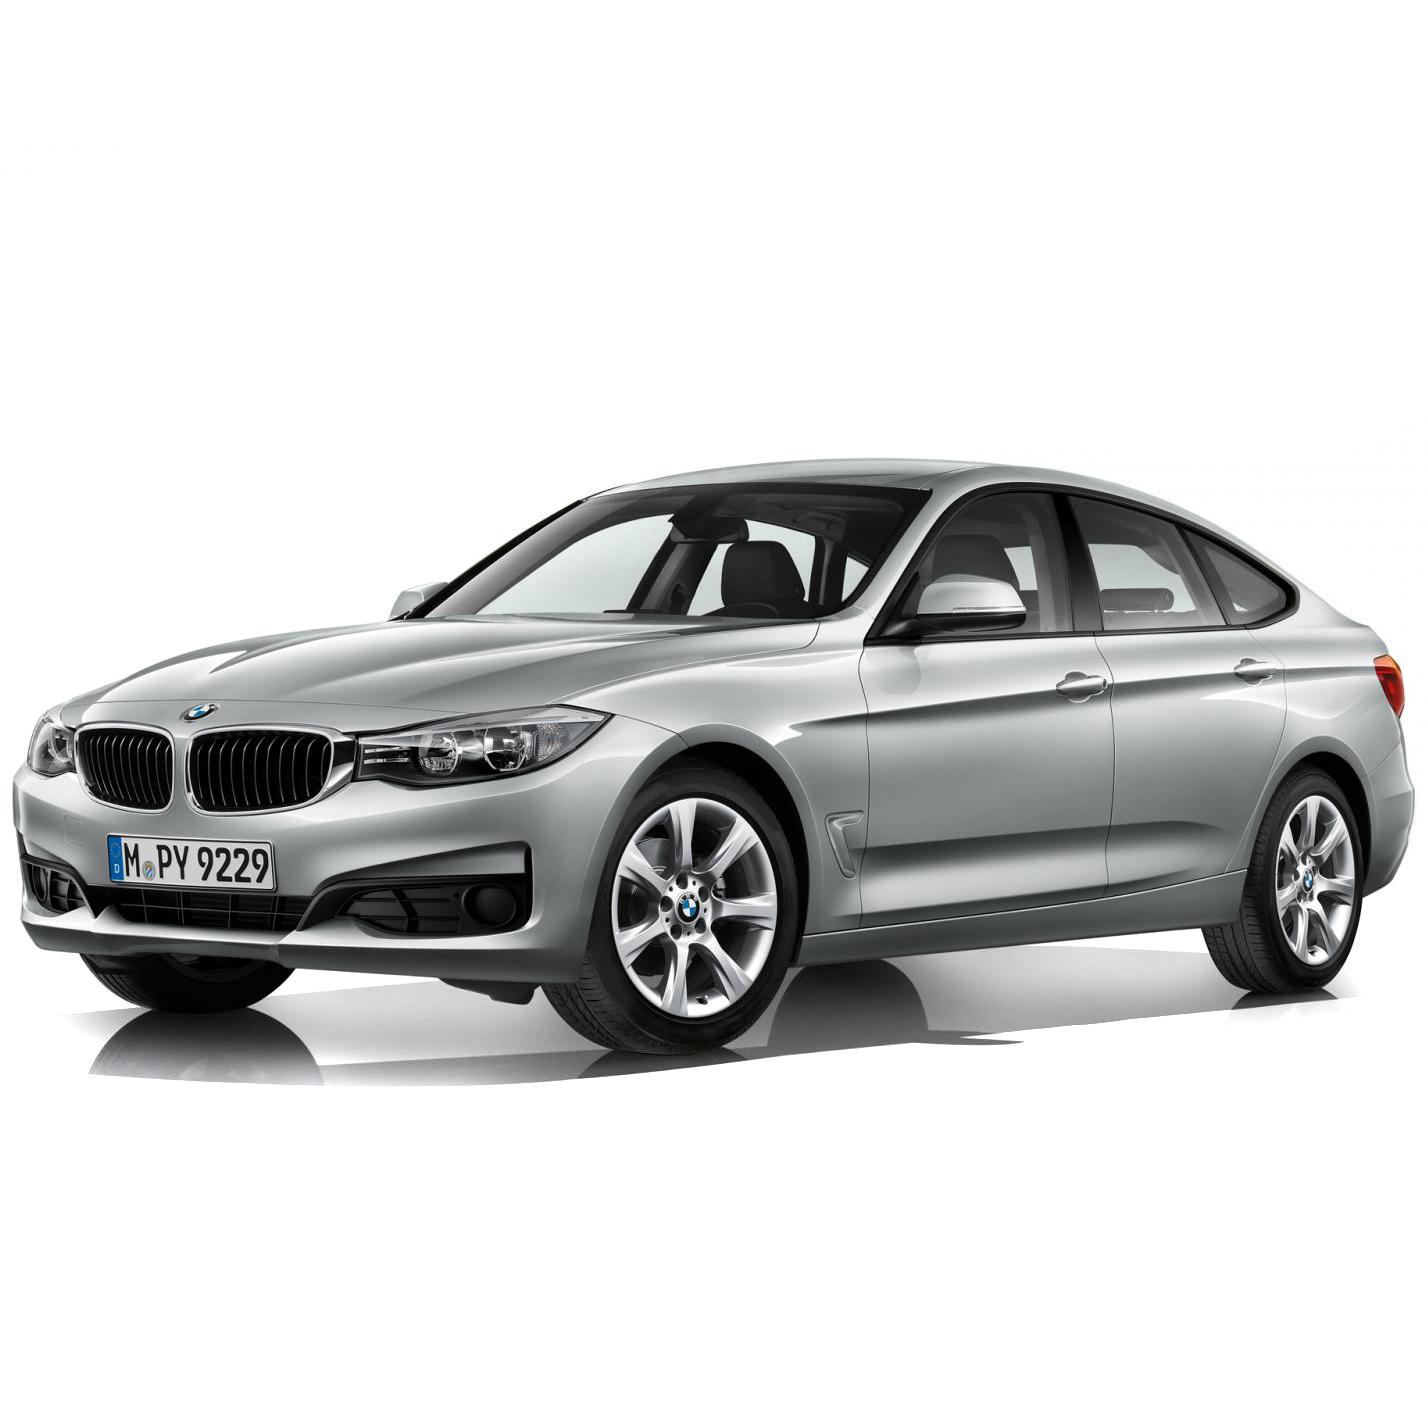 BMW 3 Series GT (F34) 2013 - 2019